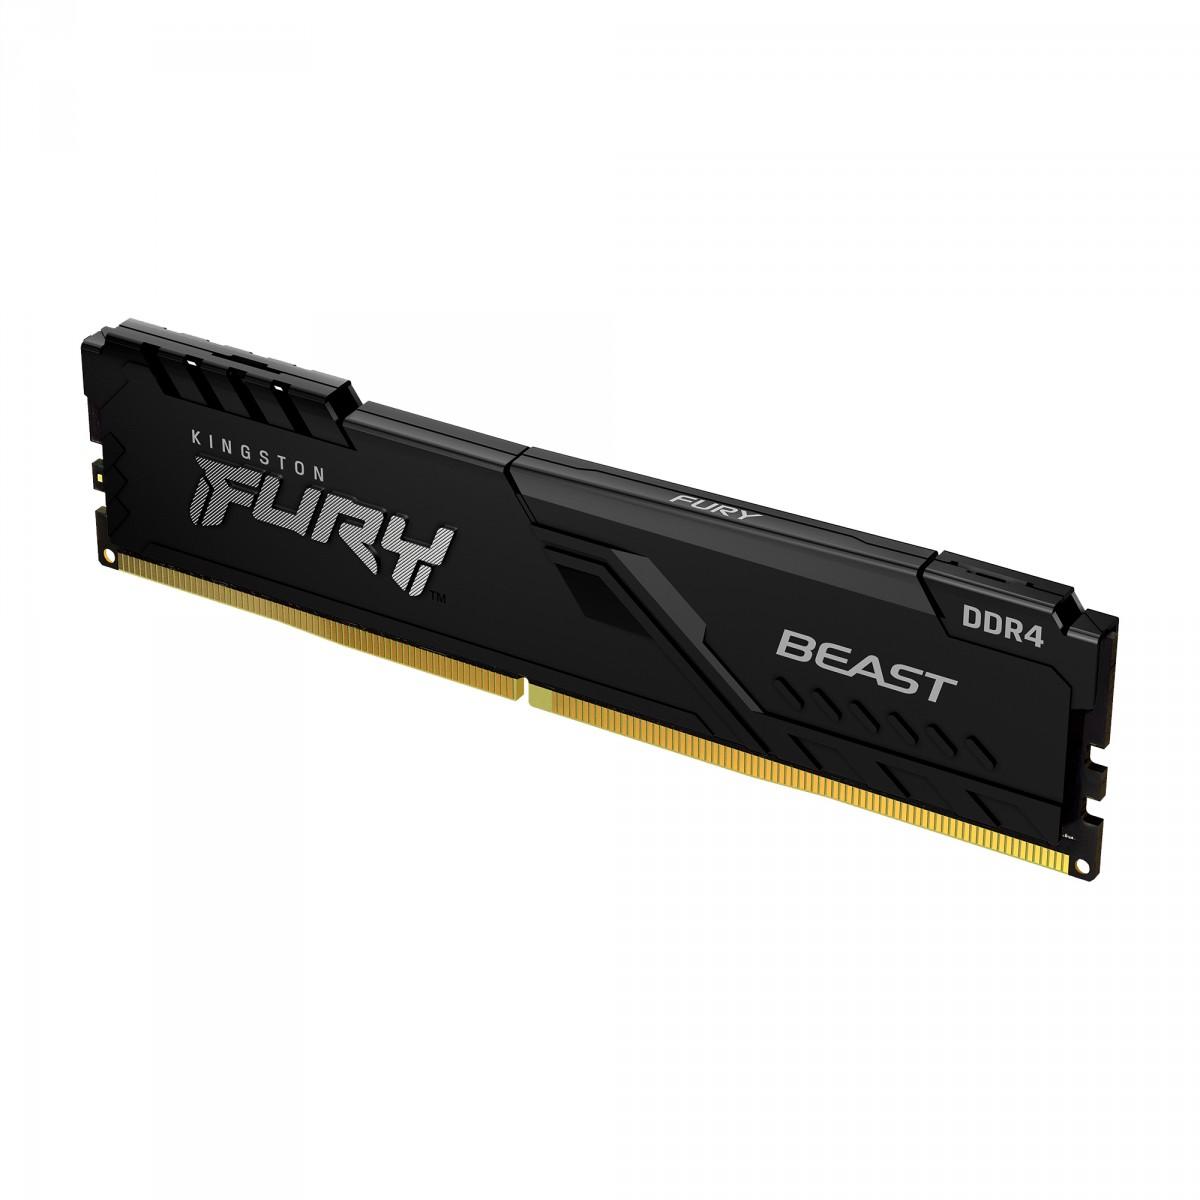 Memória Kingston Fury Beast, 16GB, 3200Mhz, DDR4, CL16, Preto, KF432C16BB1/16